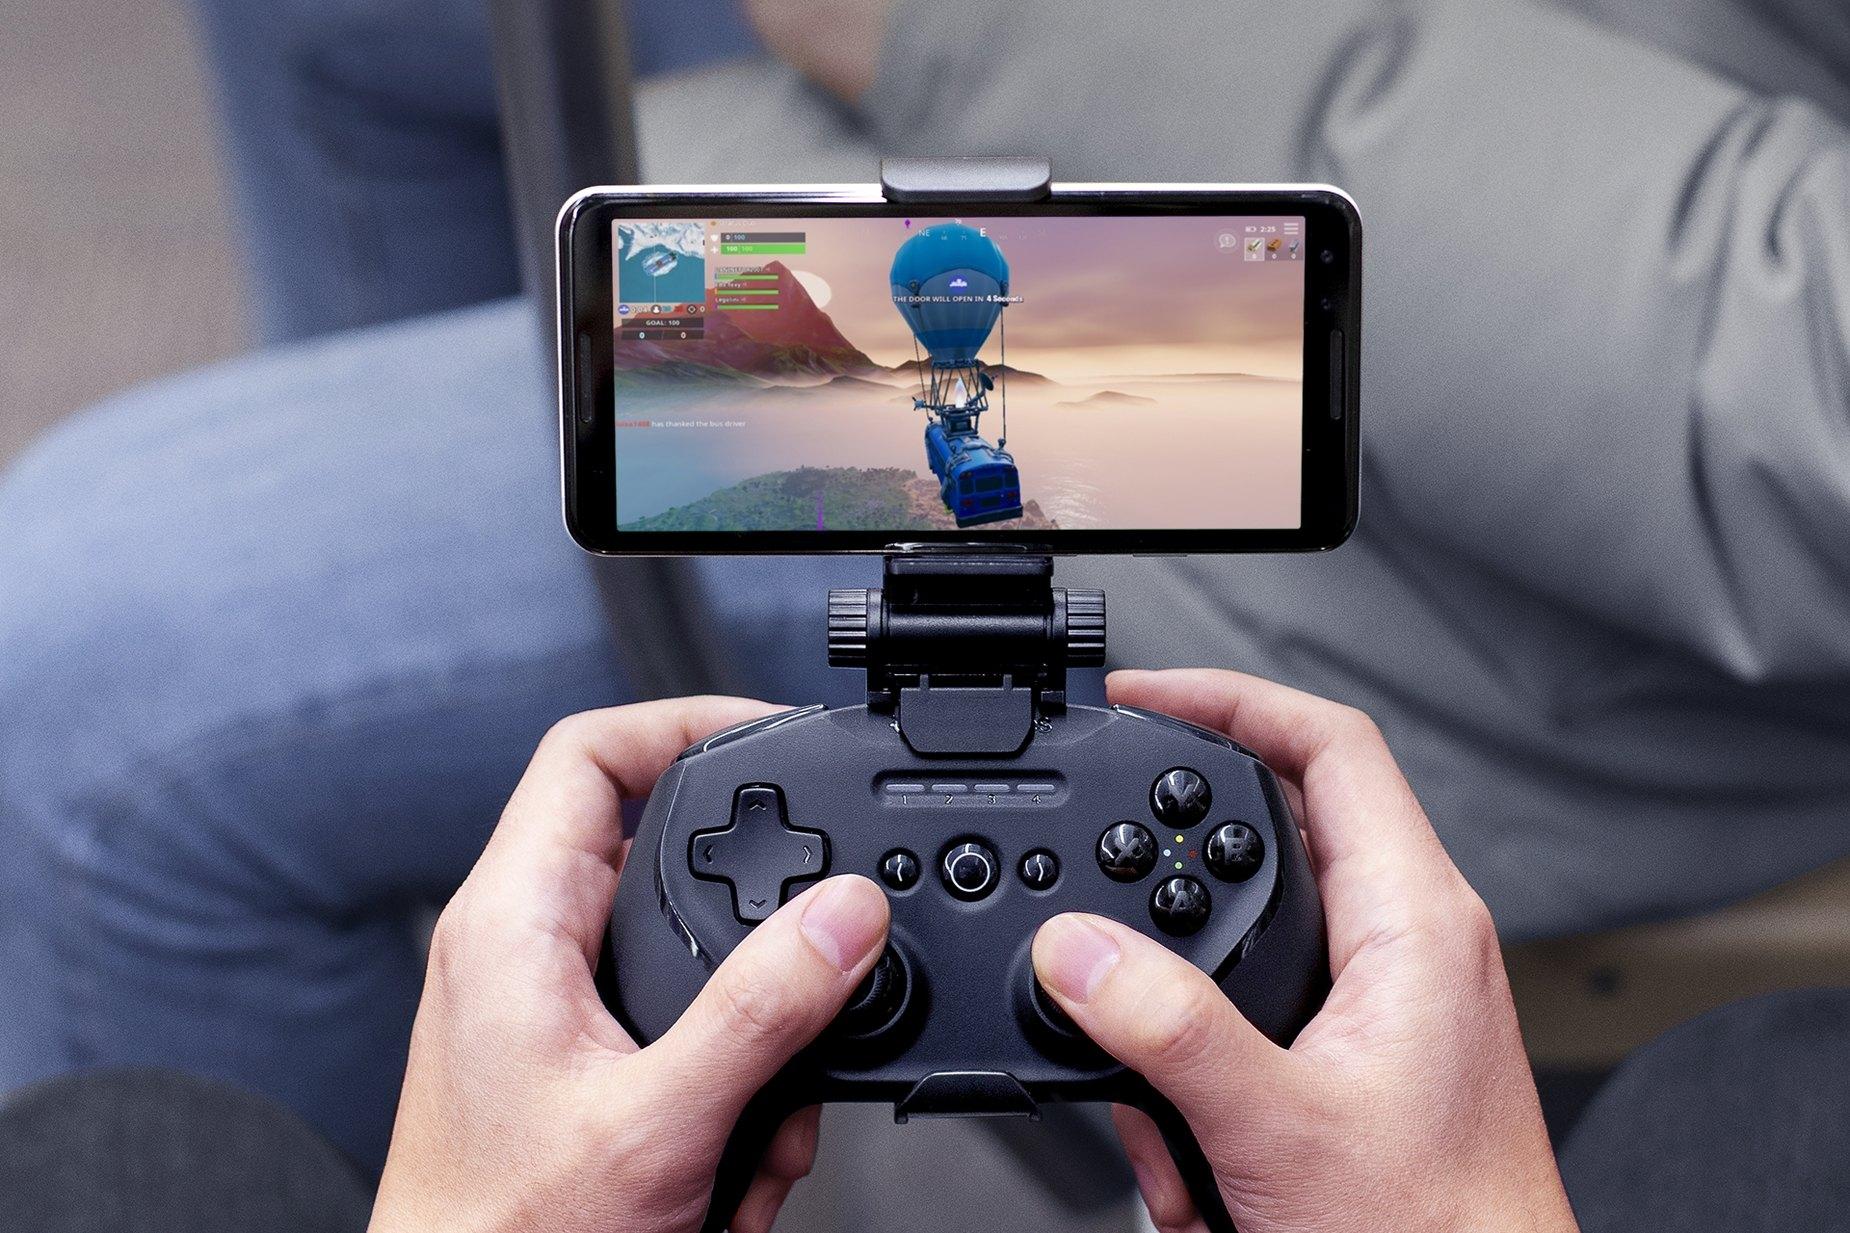 Des mains tenant une manette Stratus Duo avec une fixation SmartGrip pour téléphone en train de jouer à Fortnite sur mobile